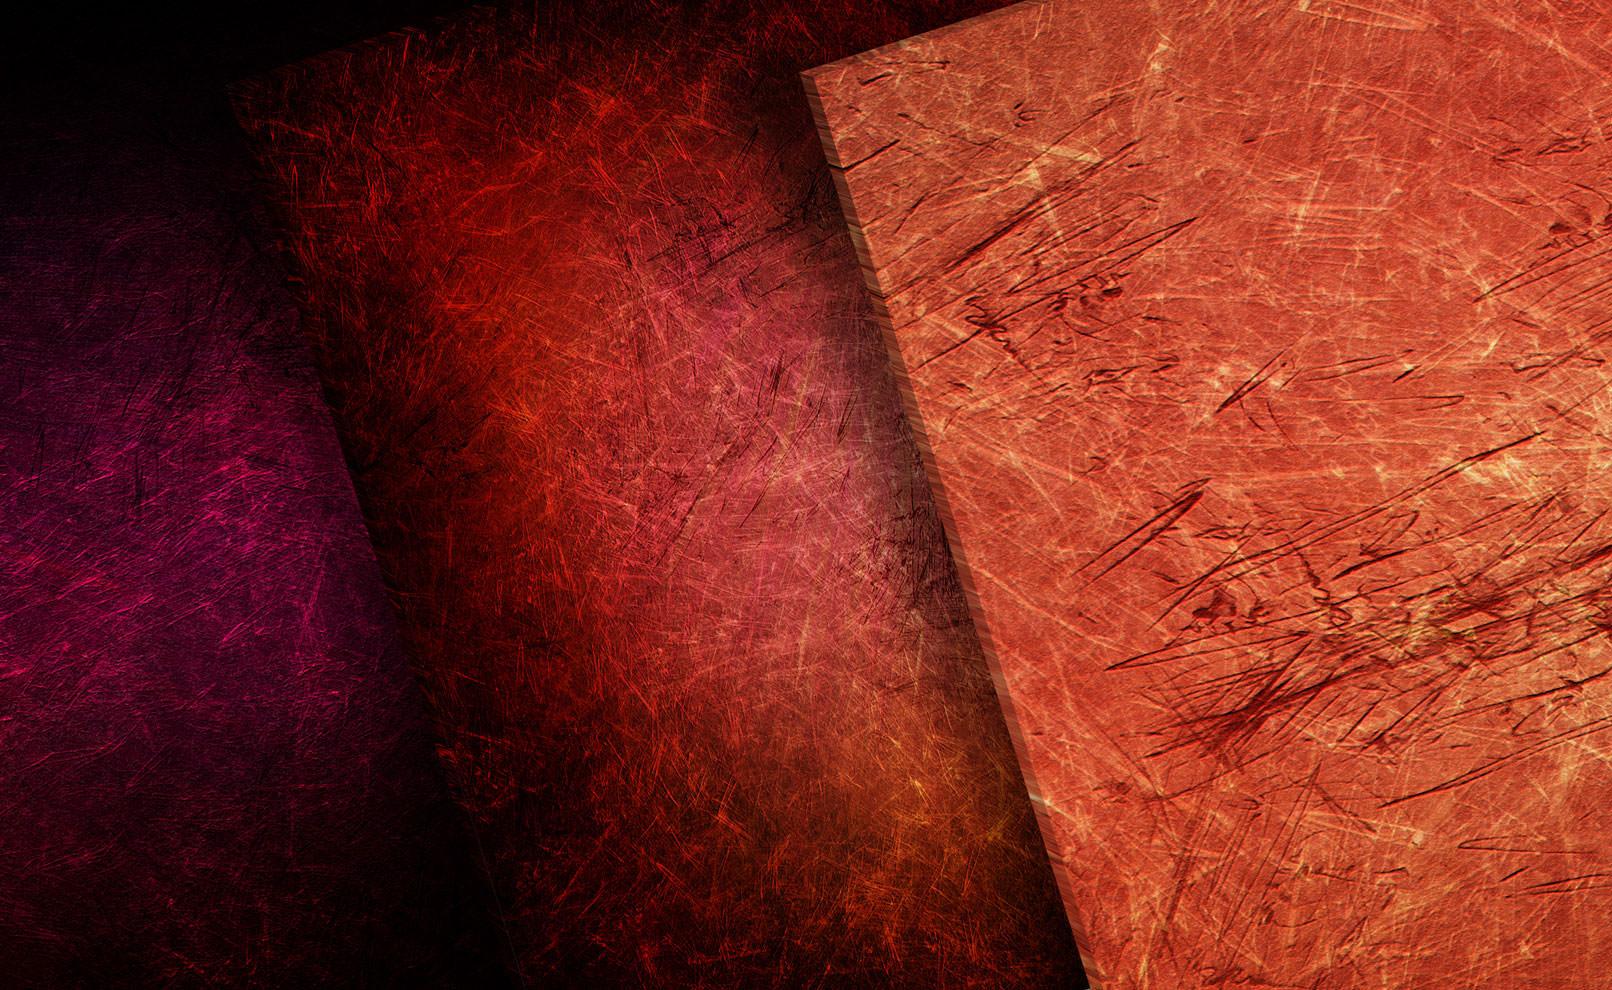 Hochaufgelöste Grunge-Texturen in Rot